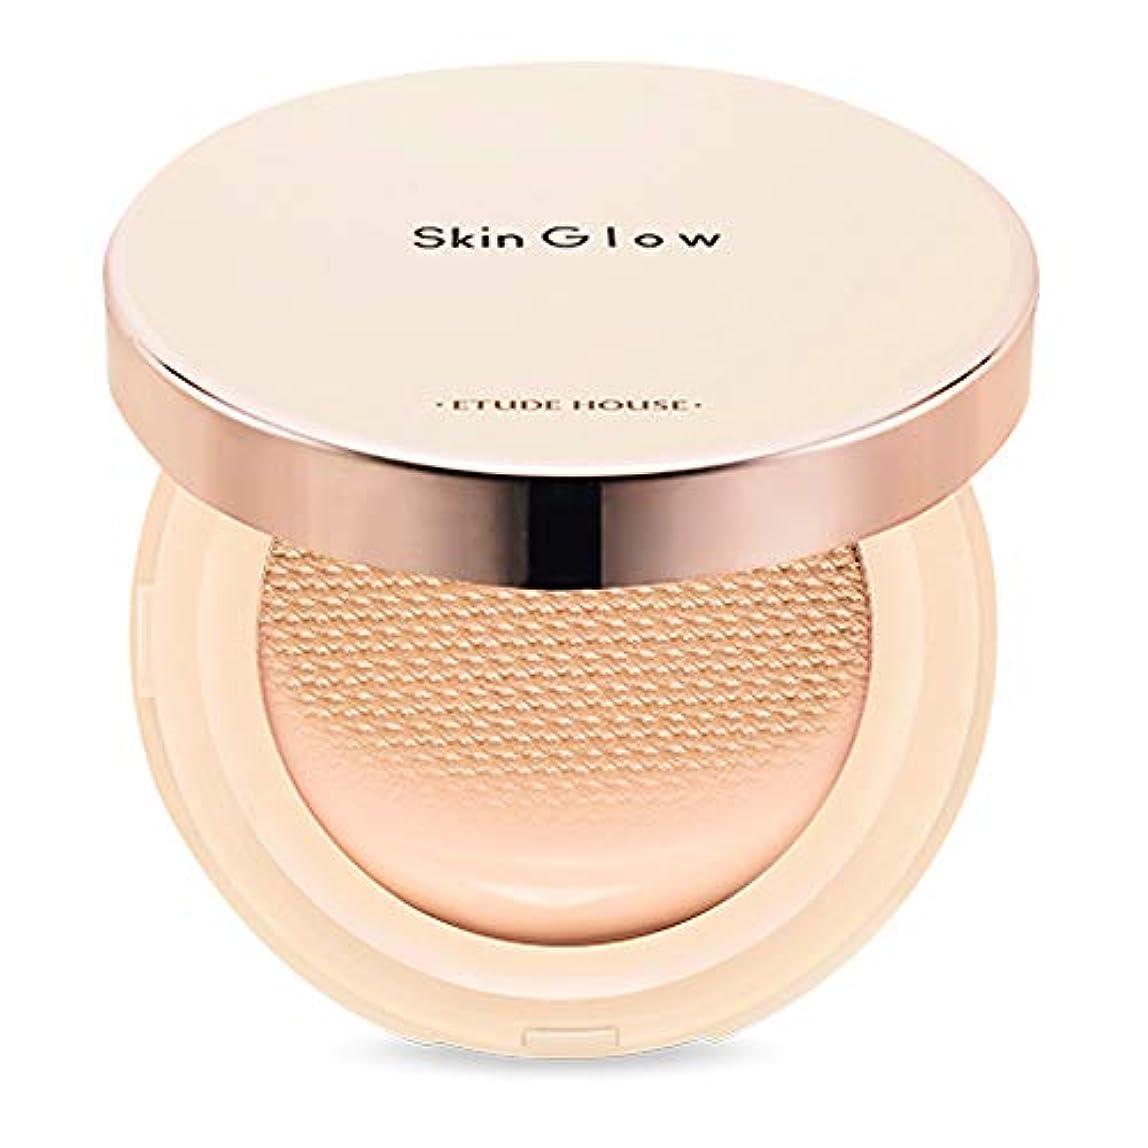 招待路面電車ポルノEtude House Skin Glow Essence Cushion SPF50+/PA++++ エチュードハウス スキン グロー エッセンス クッション (# N04 Neutral Beige) [並行輸入品]